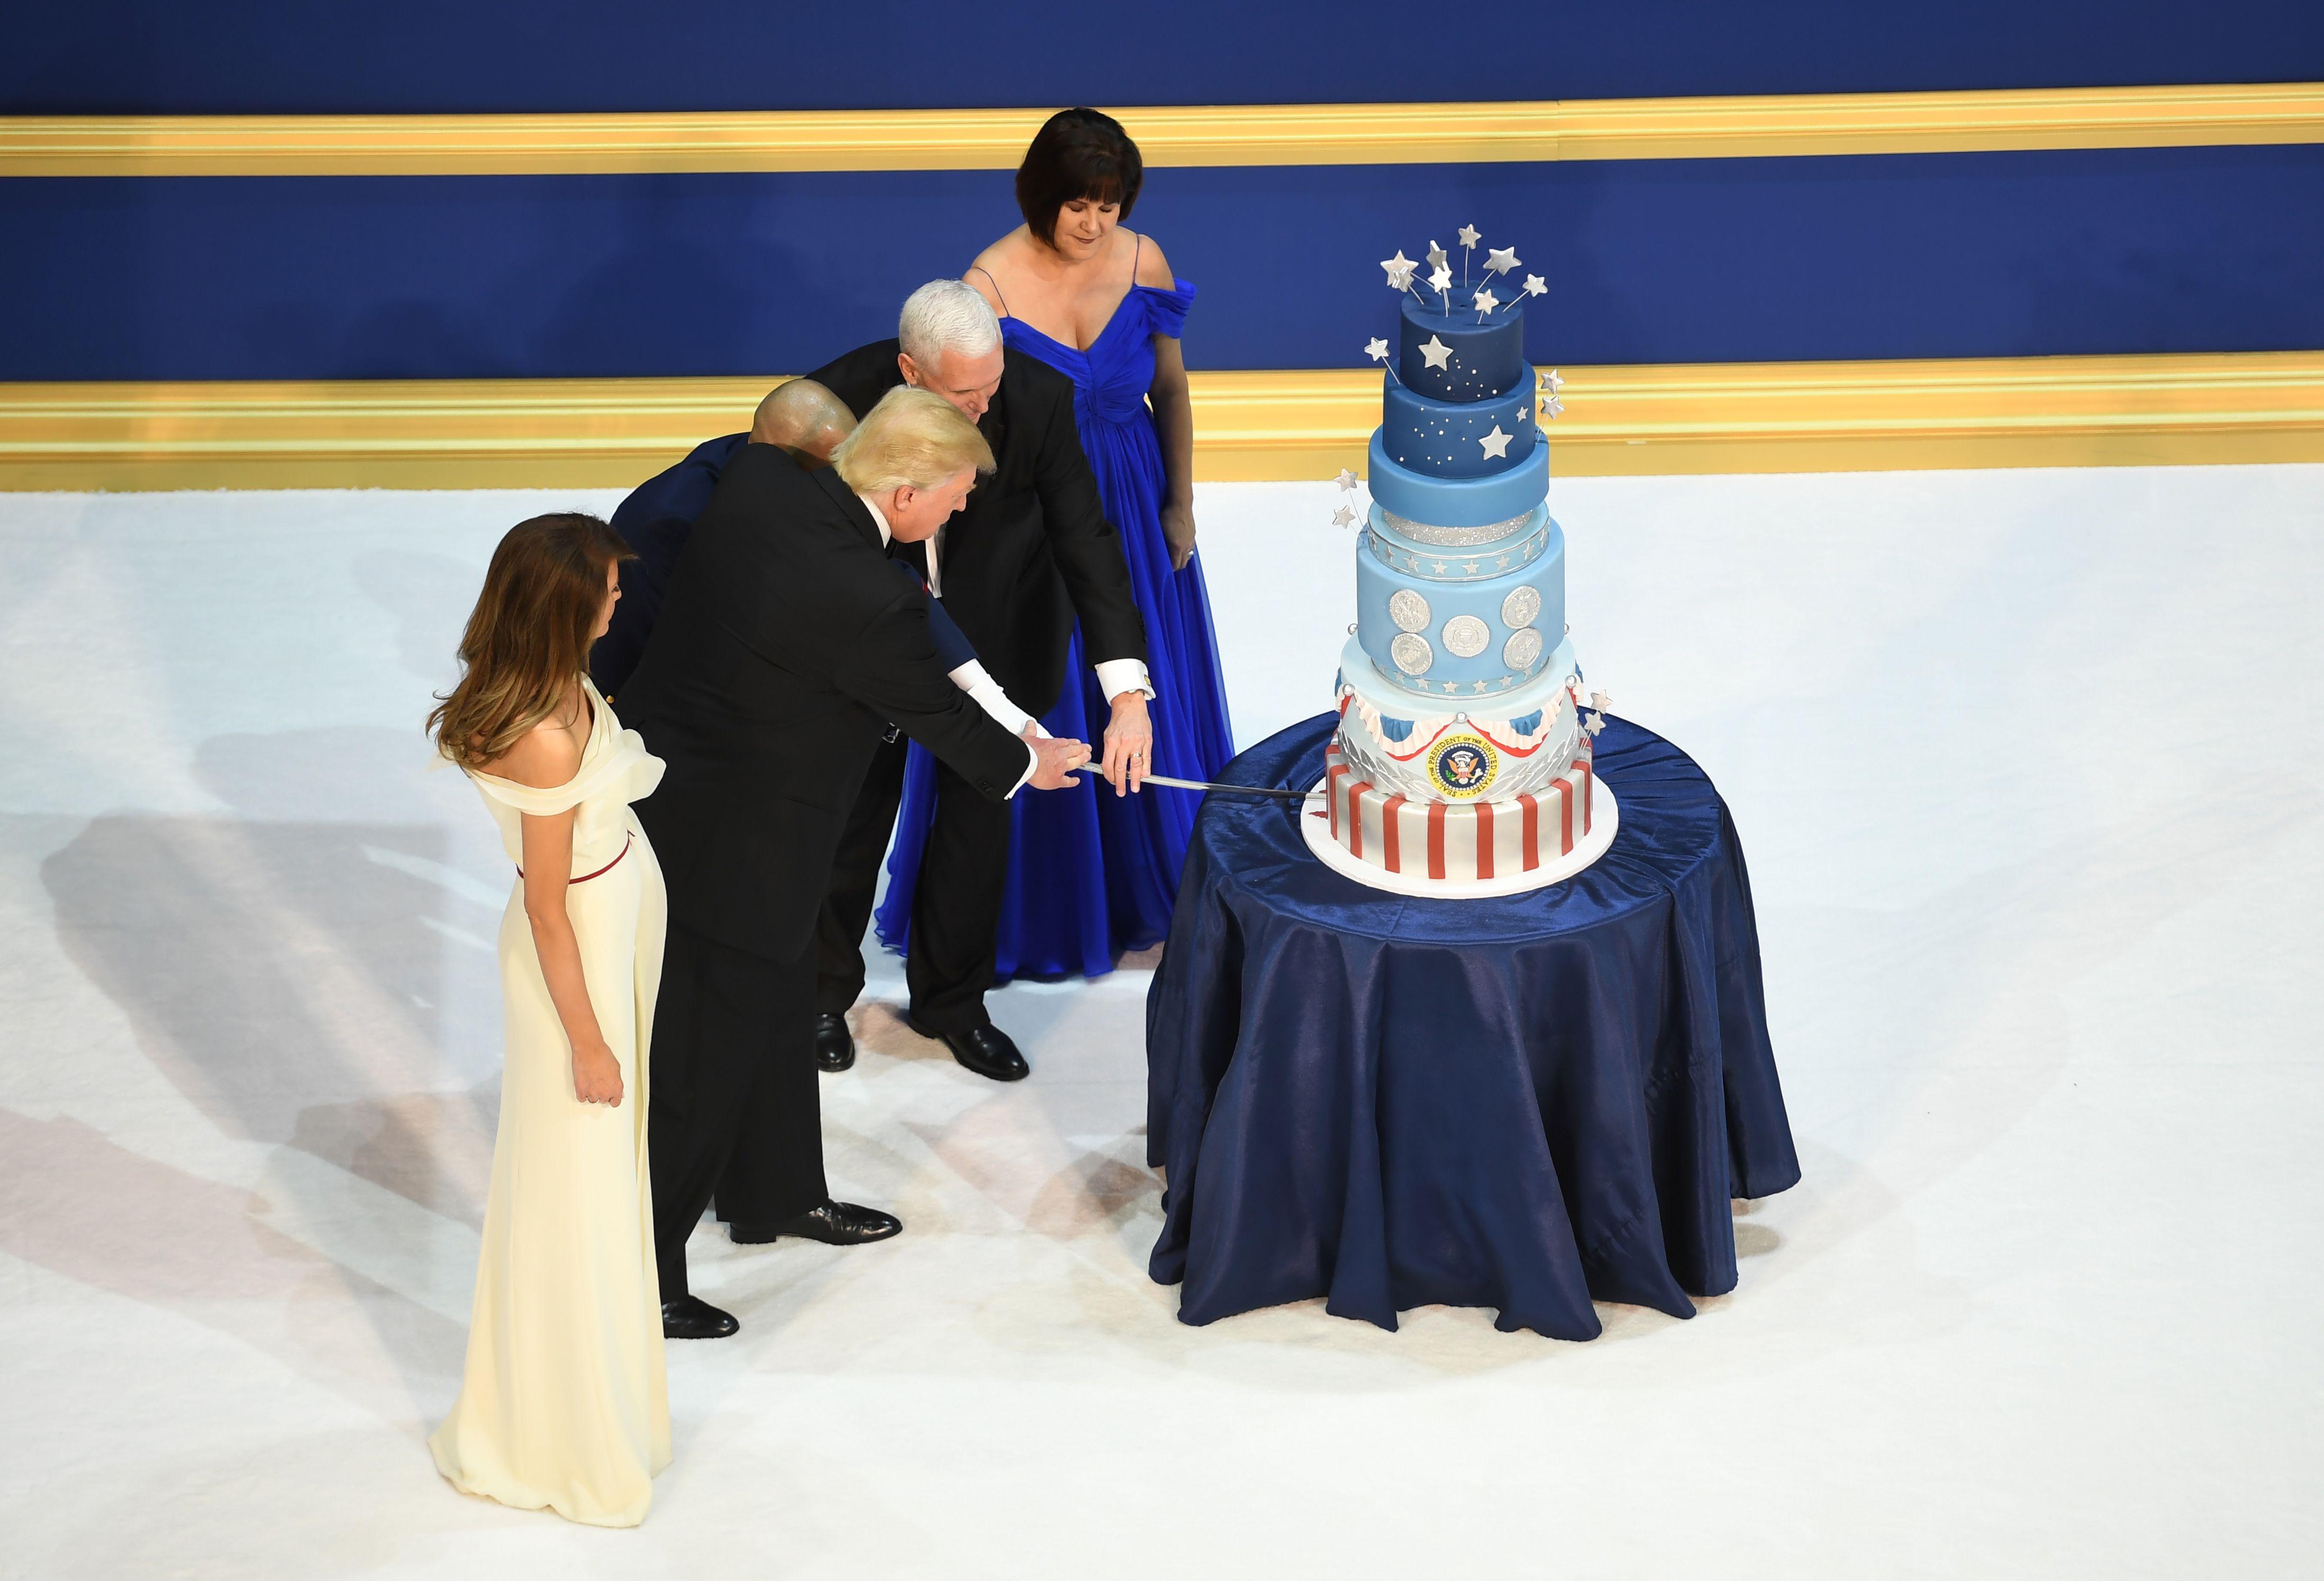 ترامب وميلانيا مع تورتة الاحتفال